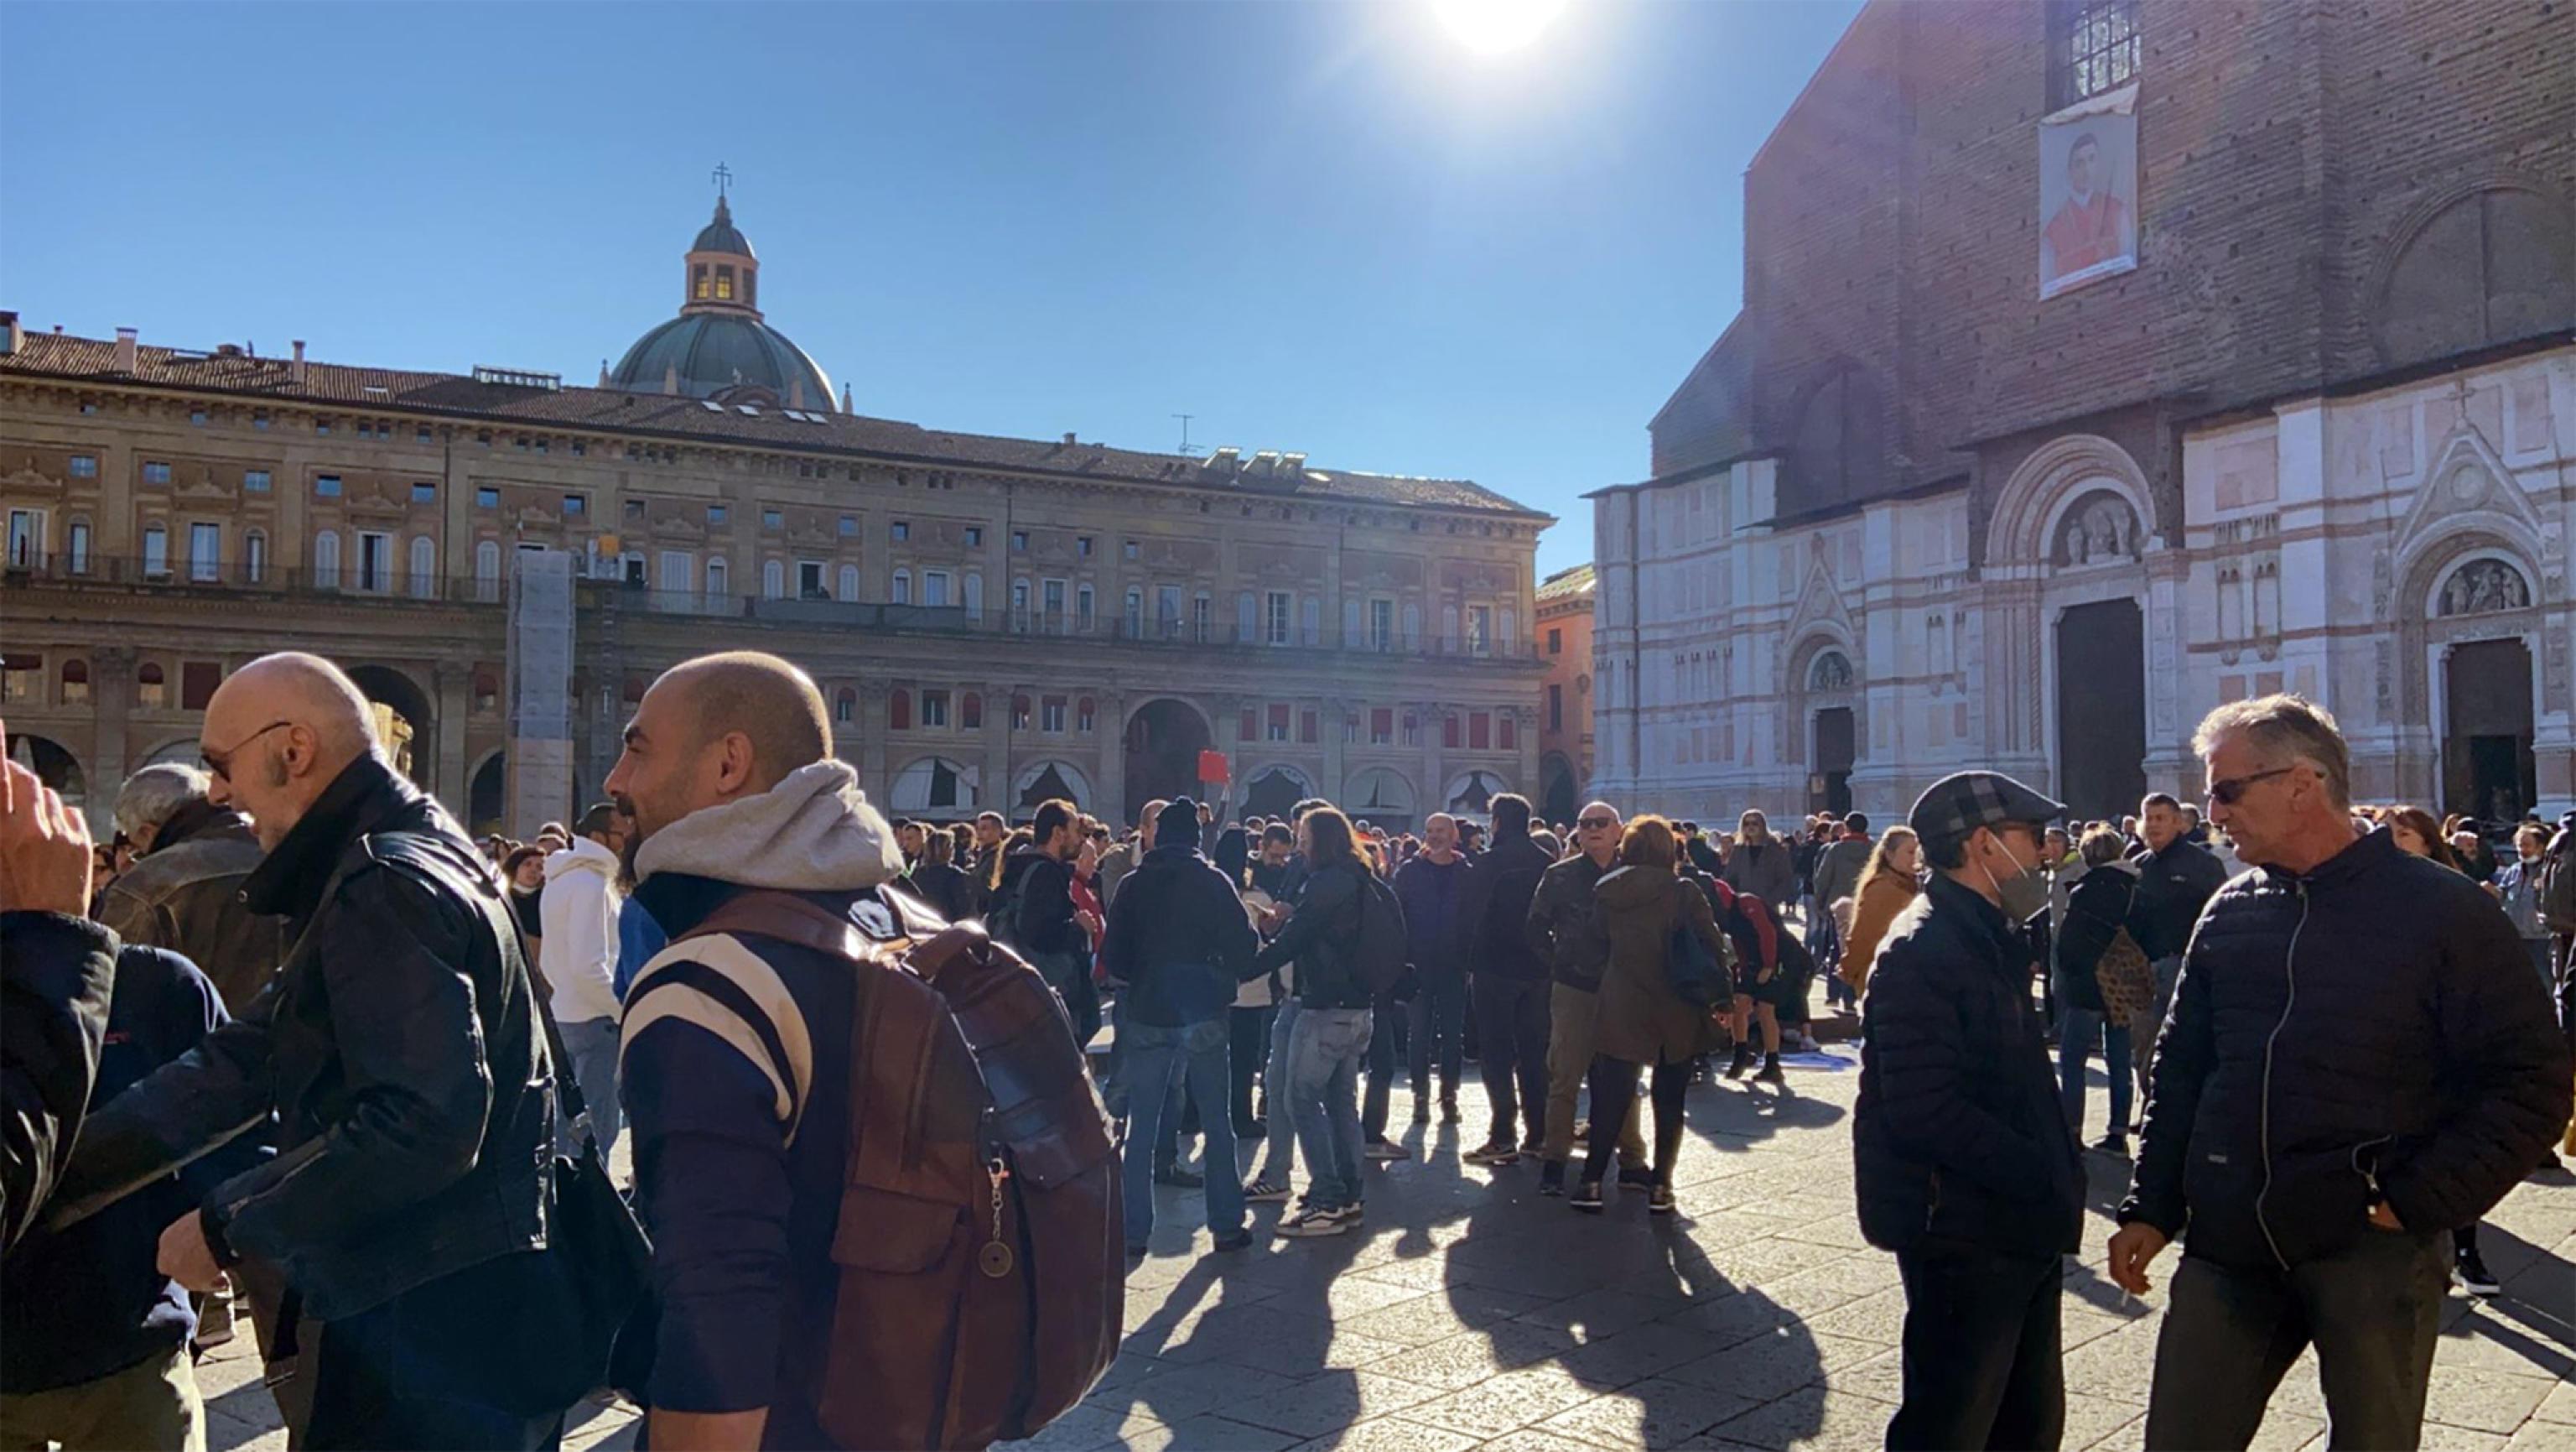 Il giorno dei No Green pass. A Bologna attacchi contro Liliana Segre: «Porta vergogna alla sua storia, dovrebbe sparire»